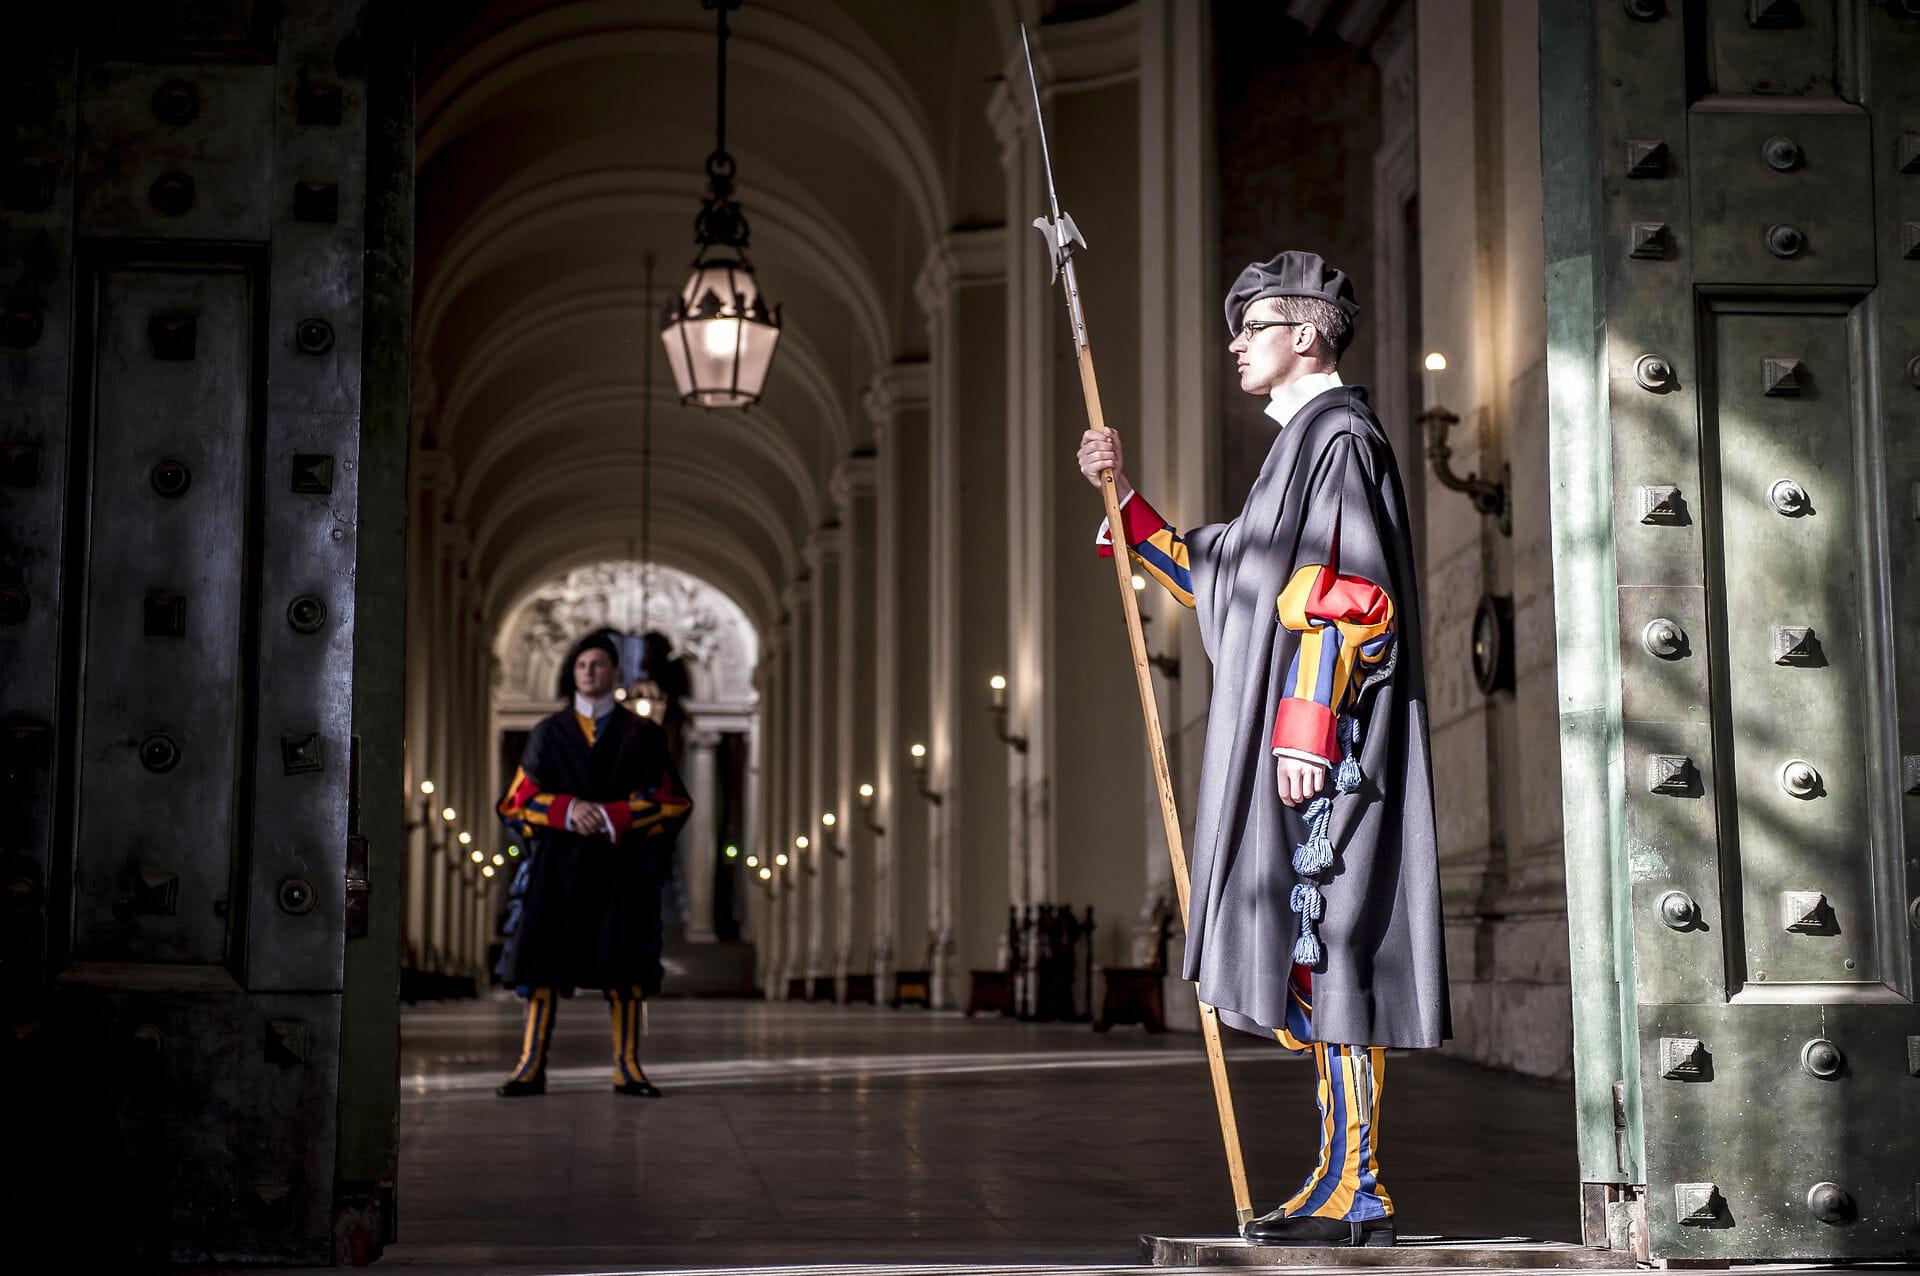 FAKTA: Vatikanet er verdens mindste selvstændige stat